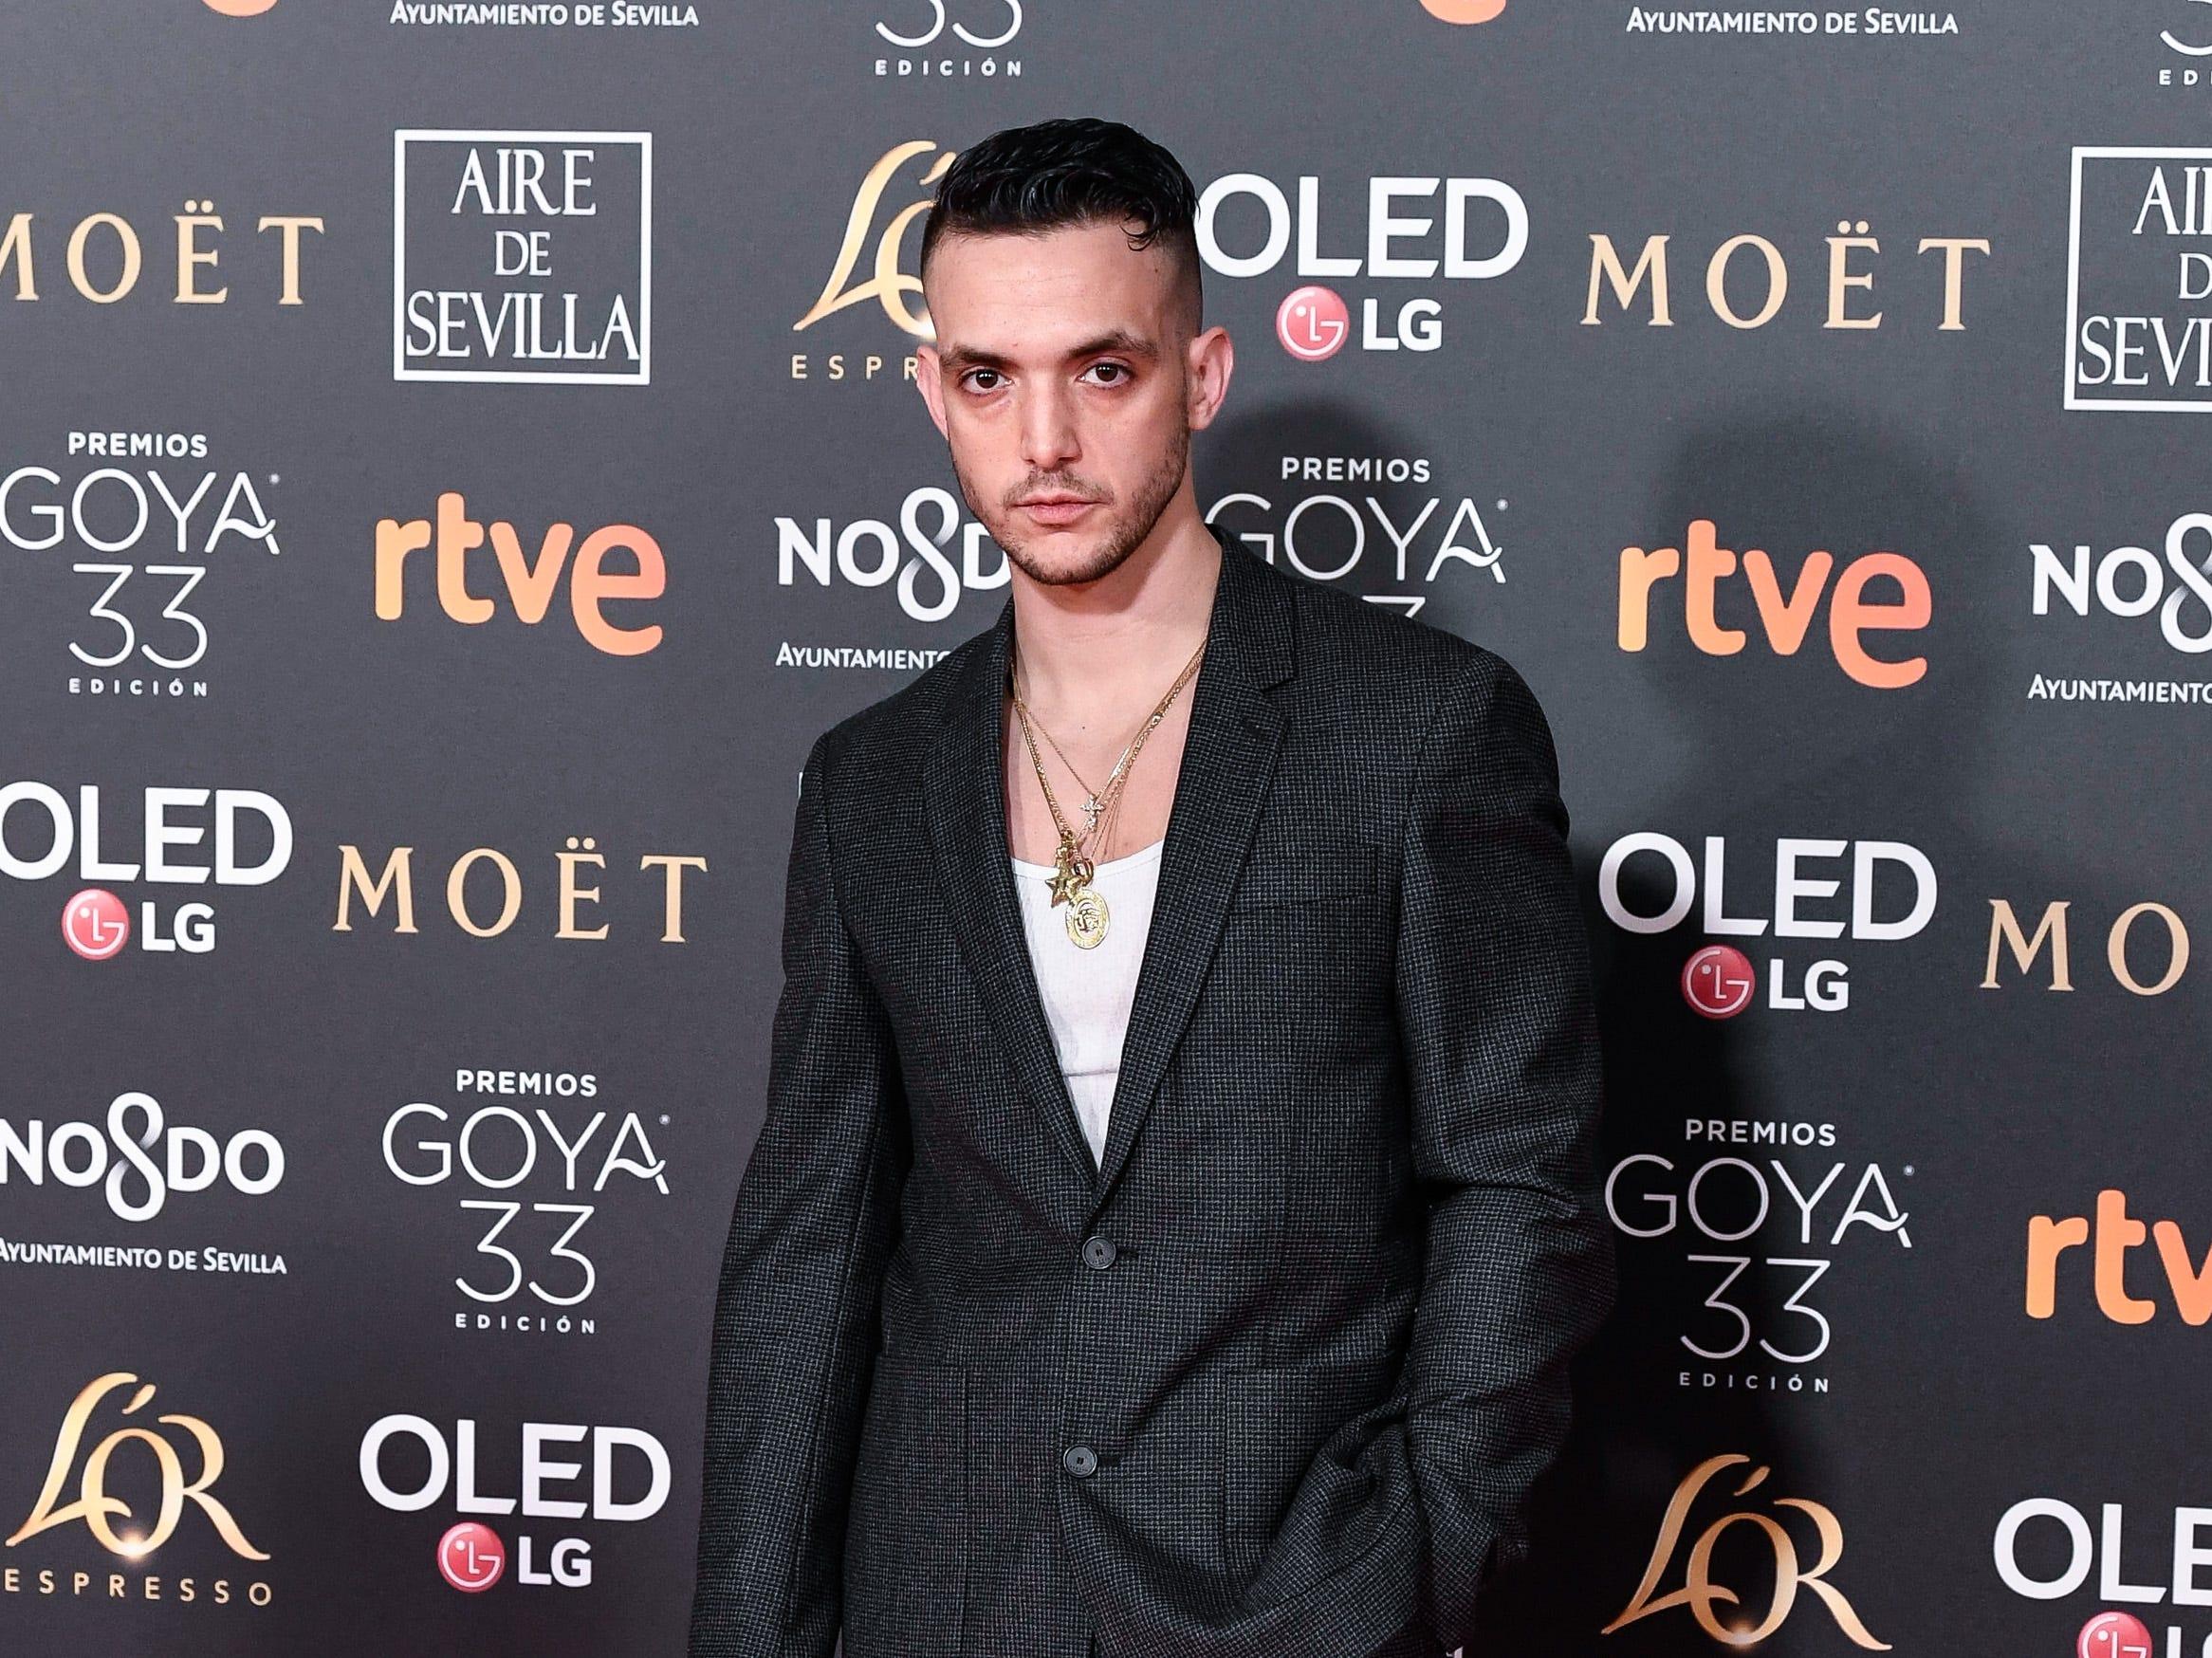 C. Tangana asiste a la 33ª edición de los Premios de Cine Goya en el Palacio de Congresos y Exposiciones FIBES el 2 de febrero de 2019 en Sevilla, España.